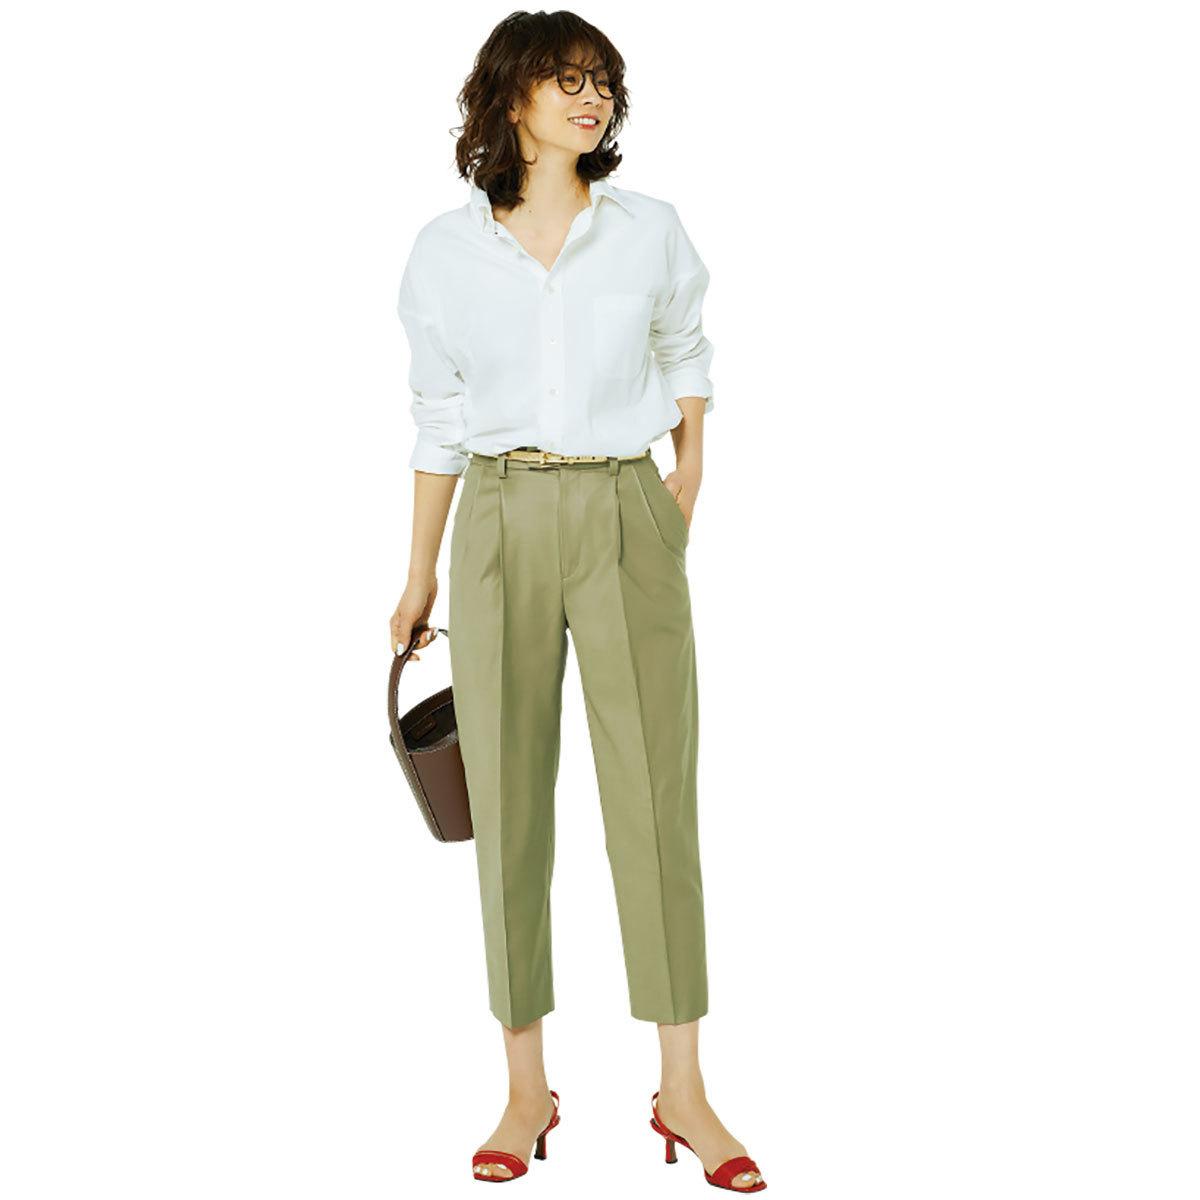 40代の「おしゃれになりたい」をかなえるファッションブランドは? 注目したいアイテムは? | アラフォーファッション_1_22